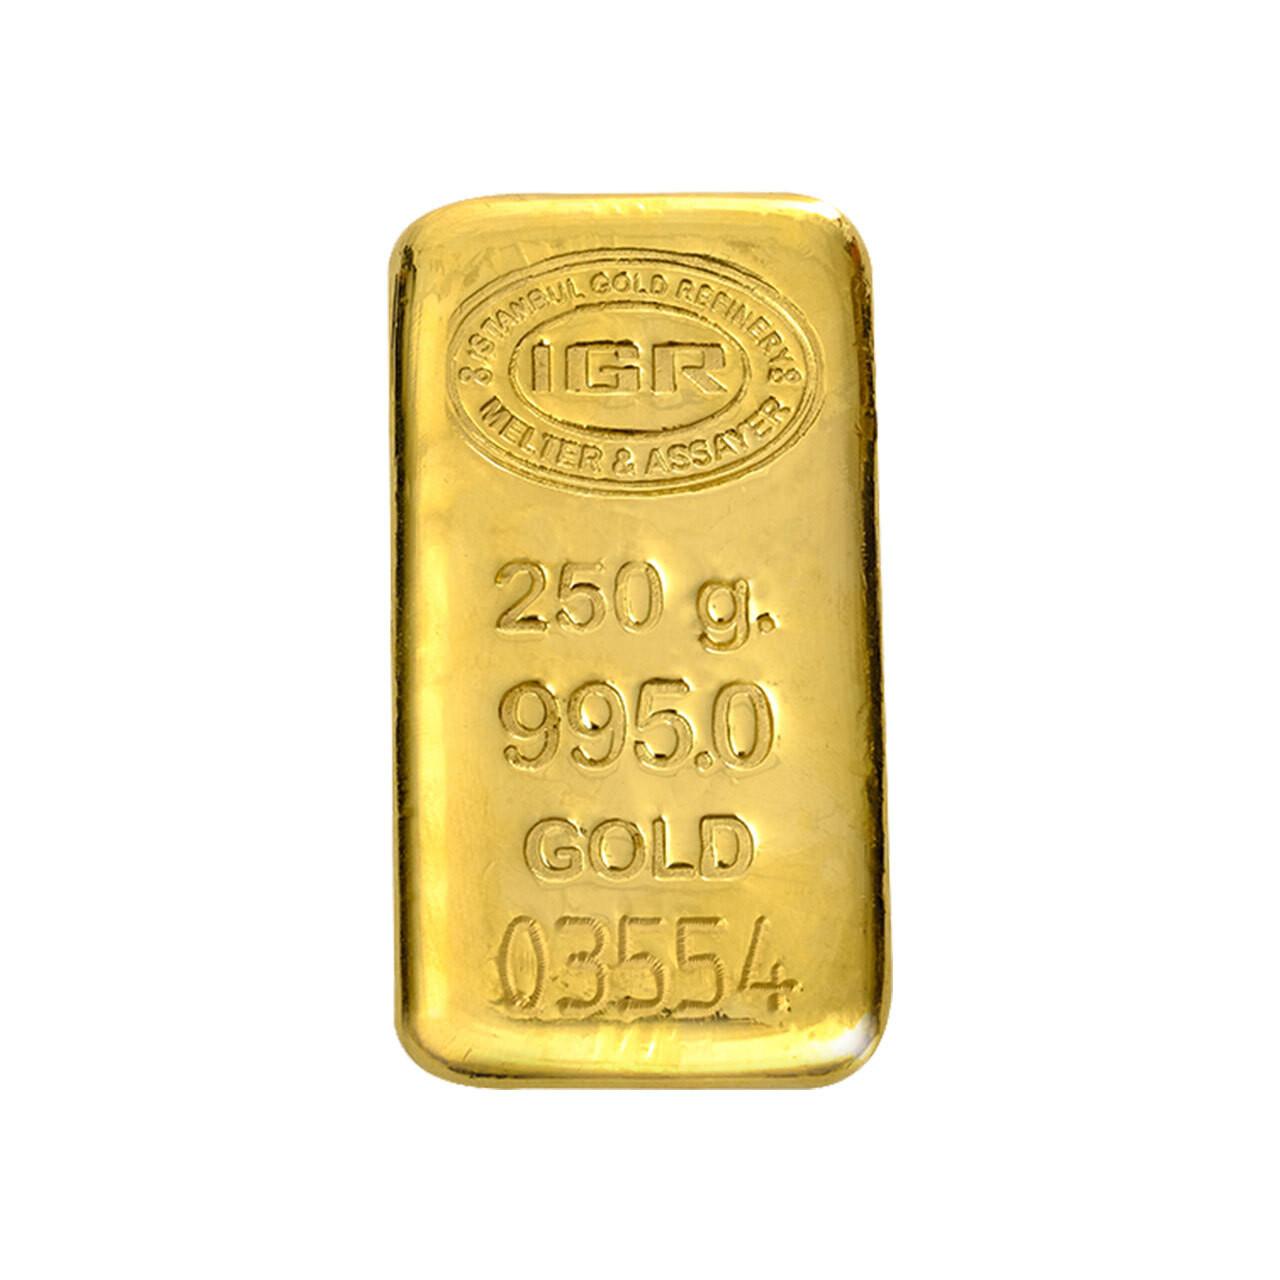 250 Gr İAR Külçe Altın